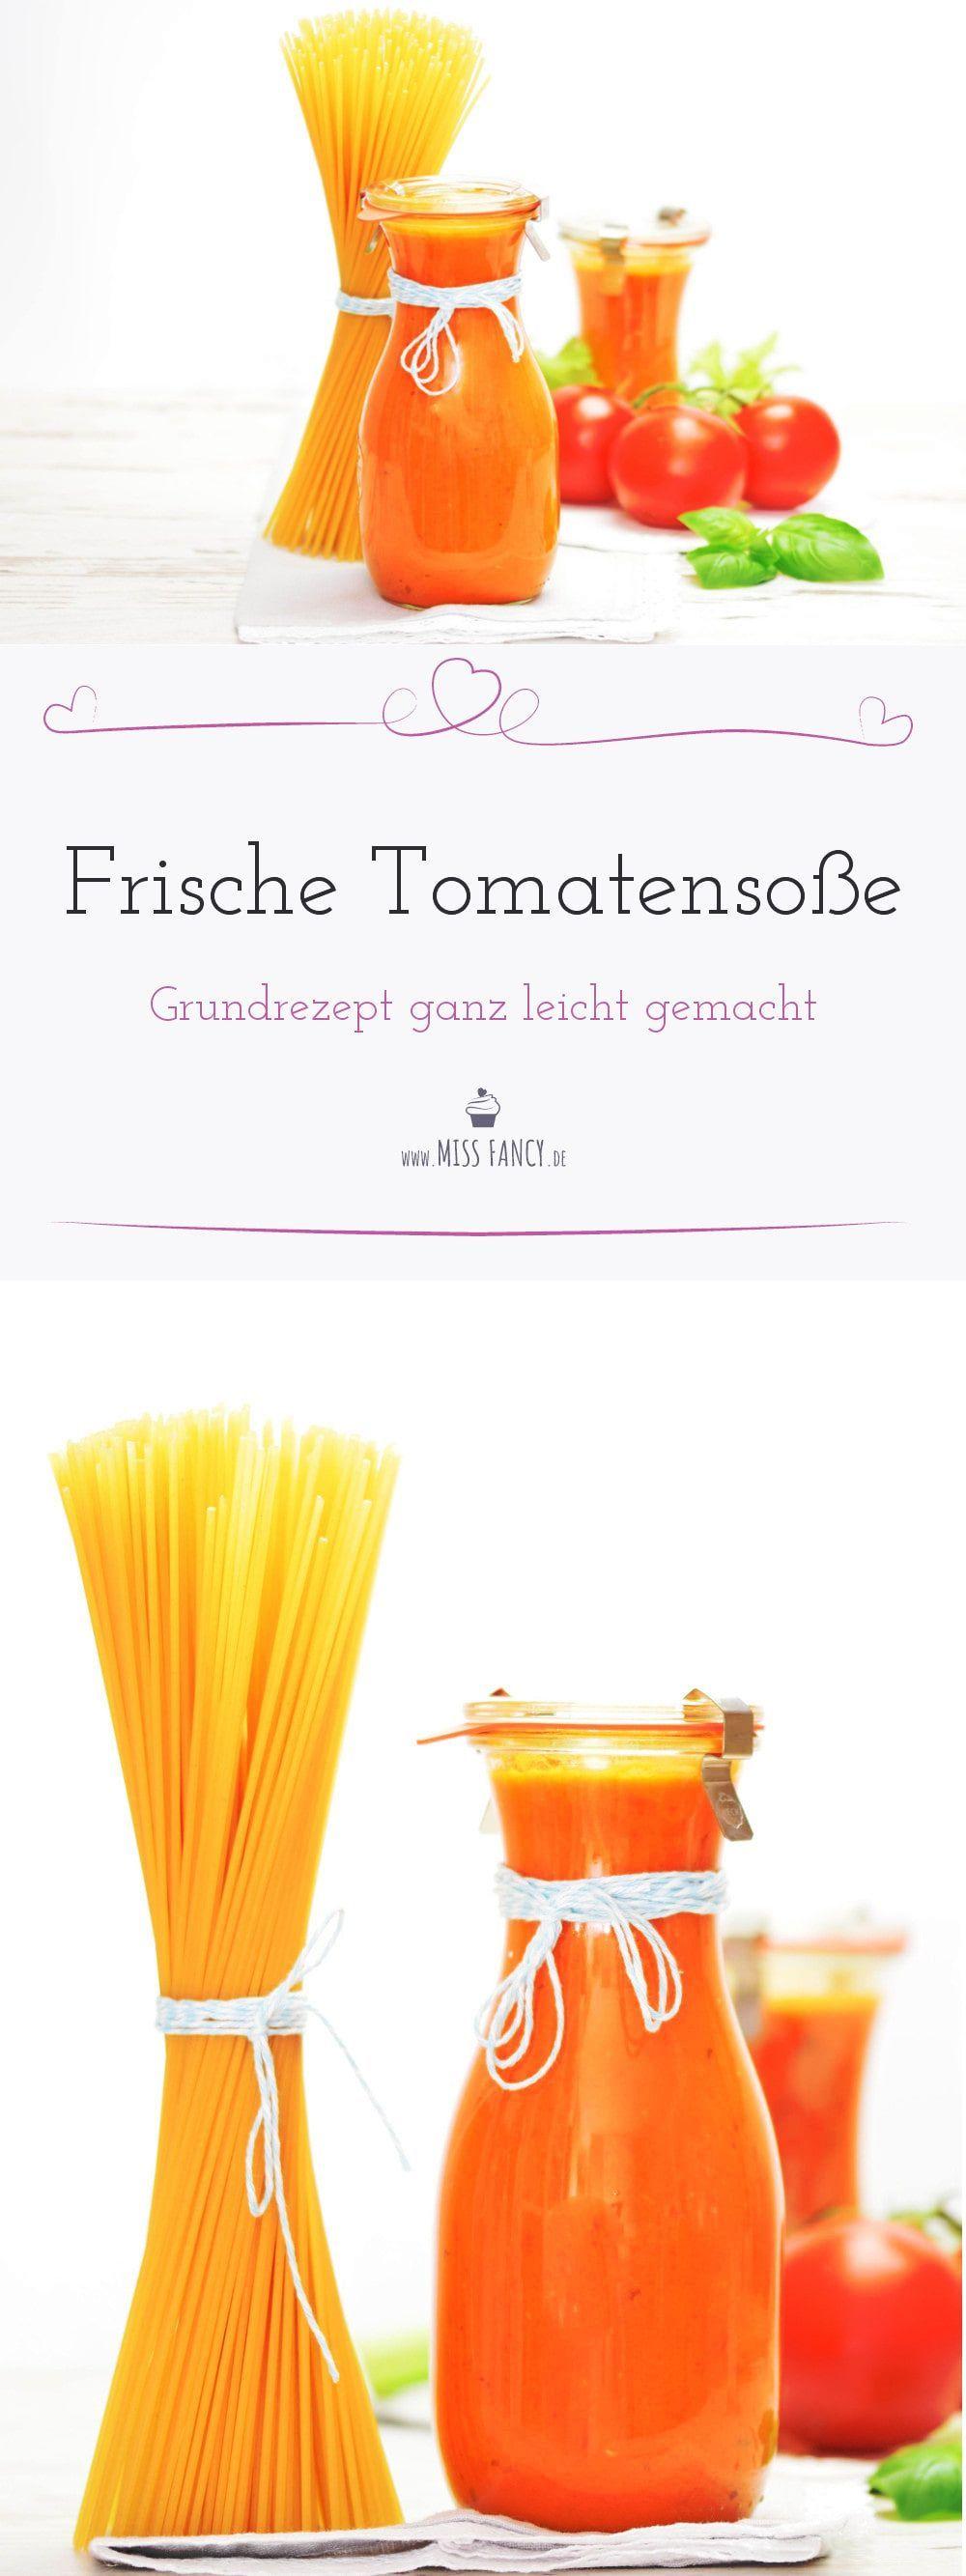 Was gibt es besseres als eine frisch selbst  gemachte Tomatensoße für deine Pasta-Gerichte? Hier verrate ich dir mein  Rezept, das du nach Belieben verändern kannst! #tomatensoße #grundrezept #tomaten